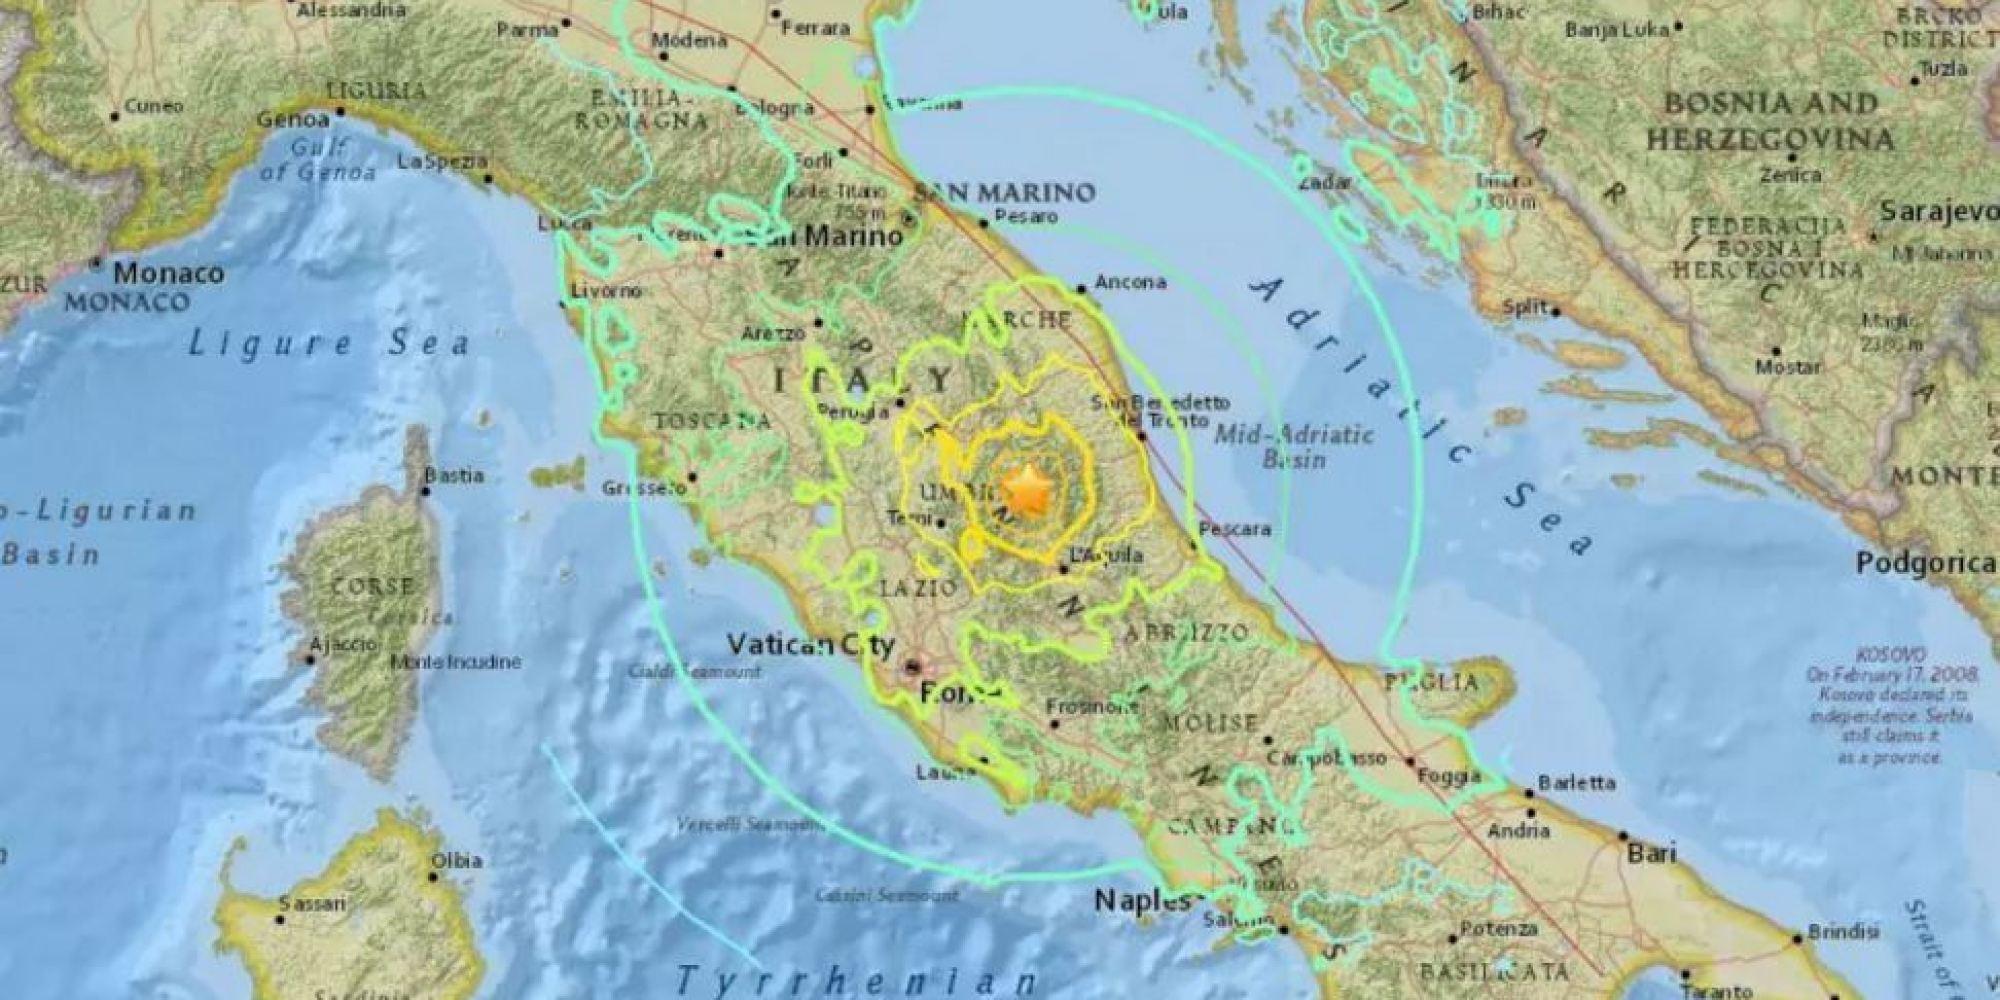 la mappa del sisma epicentro ad accumoli la provincia di